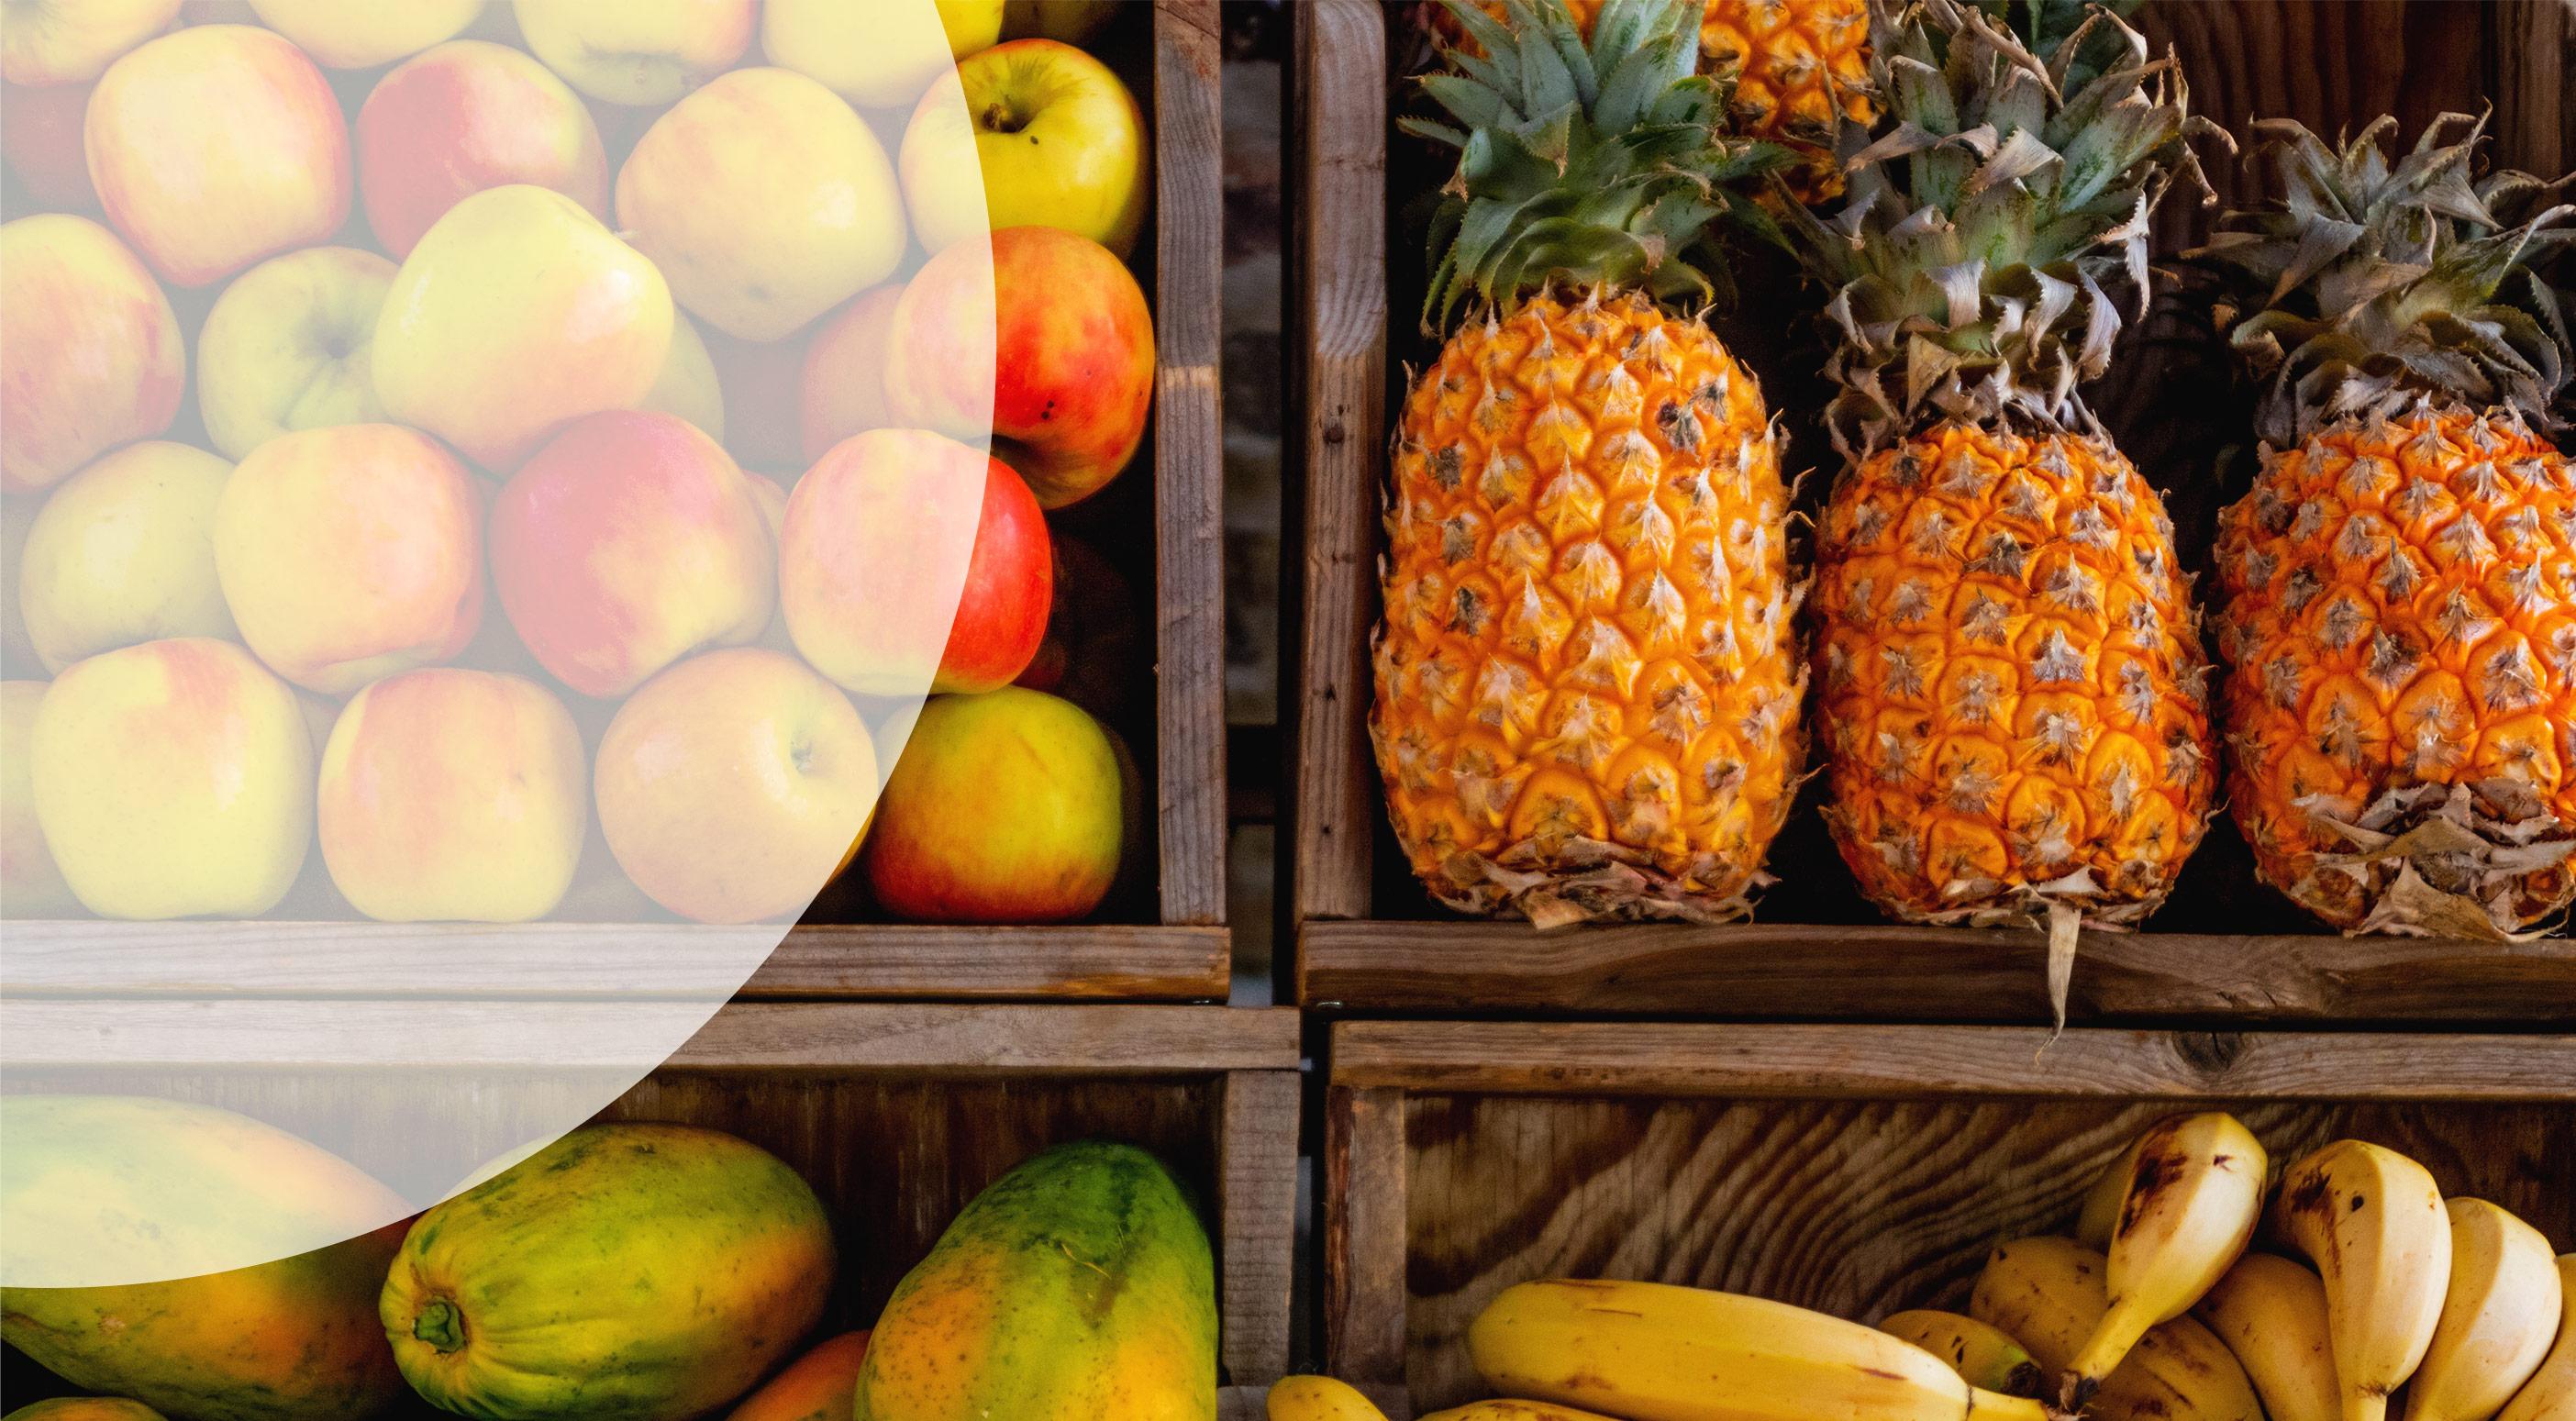 Vitamins, foods, vegetables, fruits